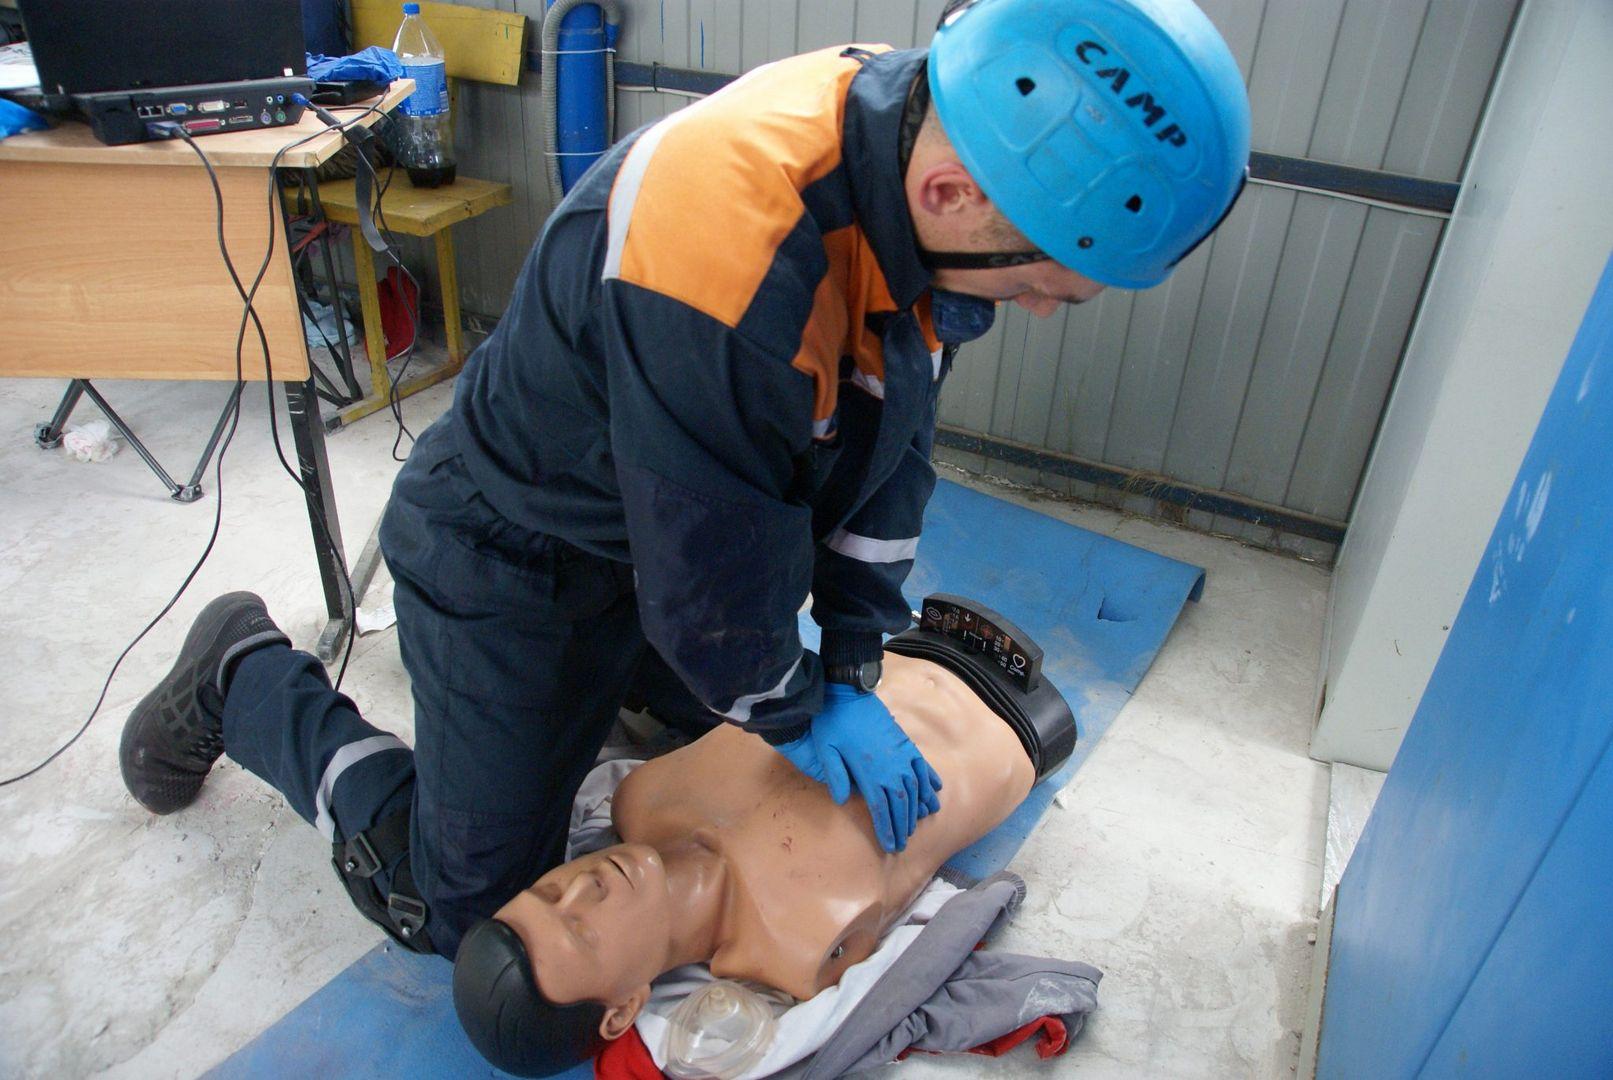 манекен, искусственное дыхание, спасатели, конкурс, лучший спасатель, спасатели Москвы, департамент ГО ЧС, первая помощь, манекен